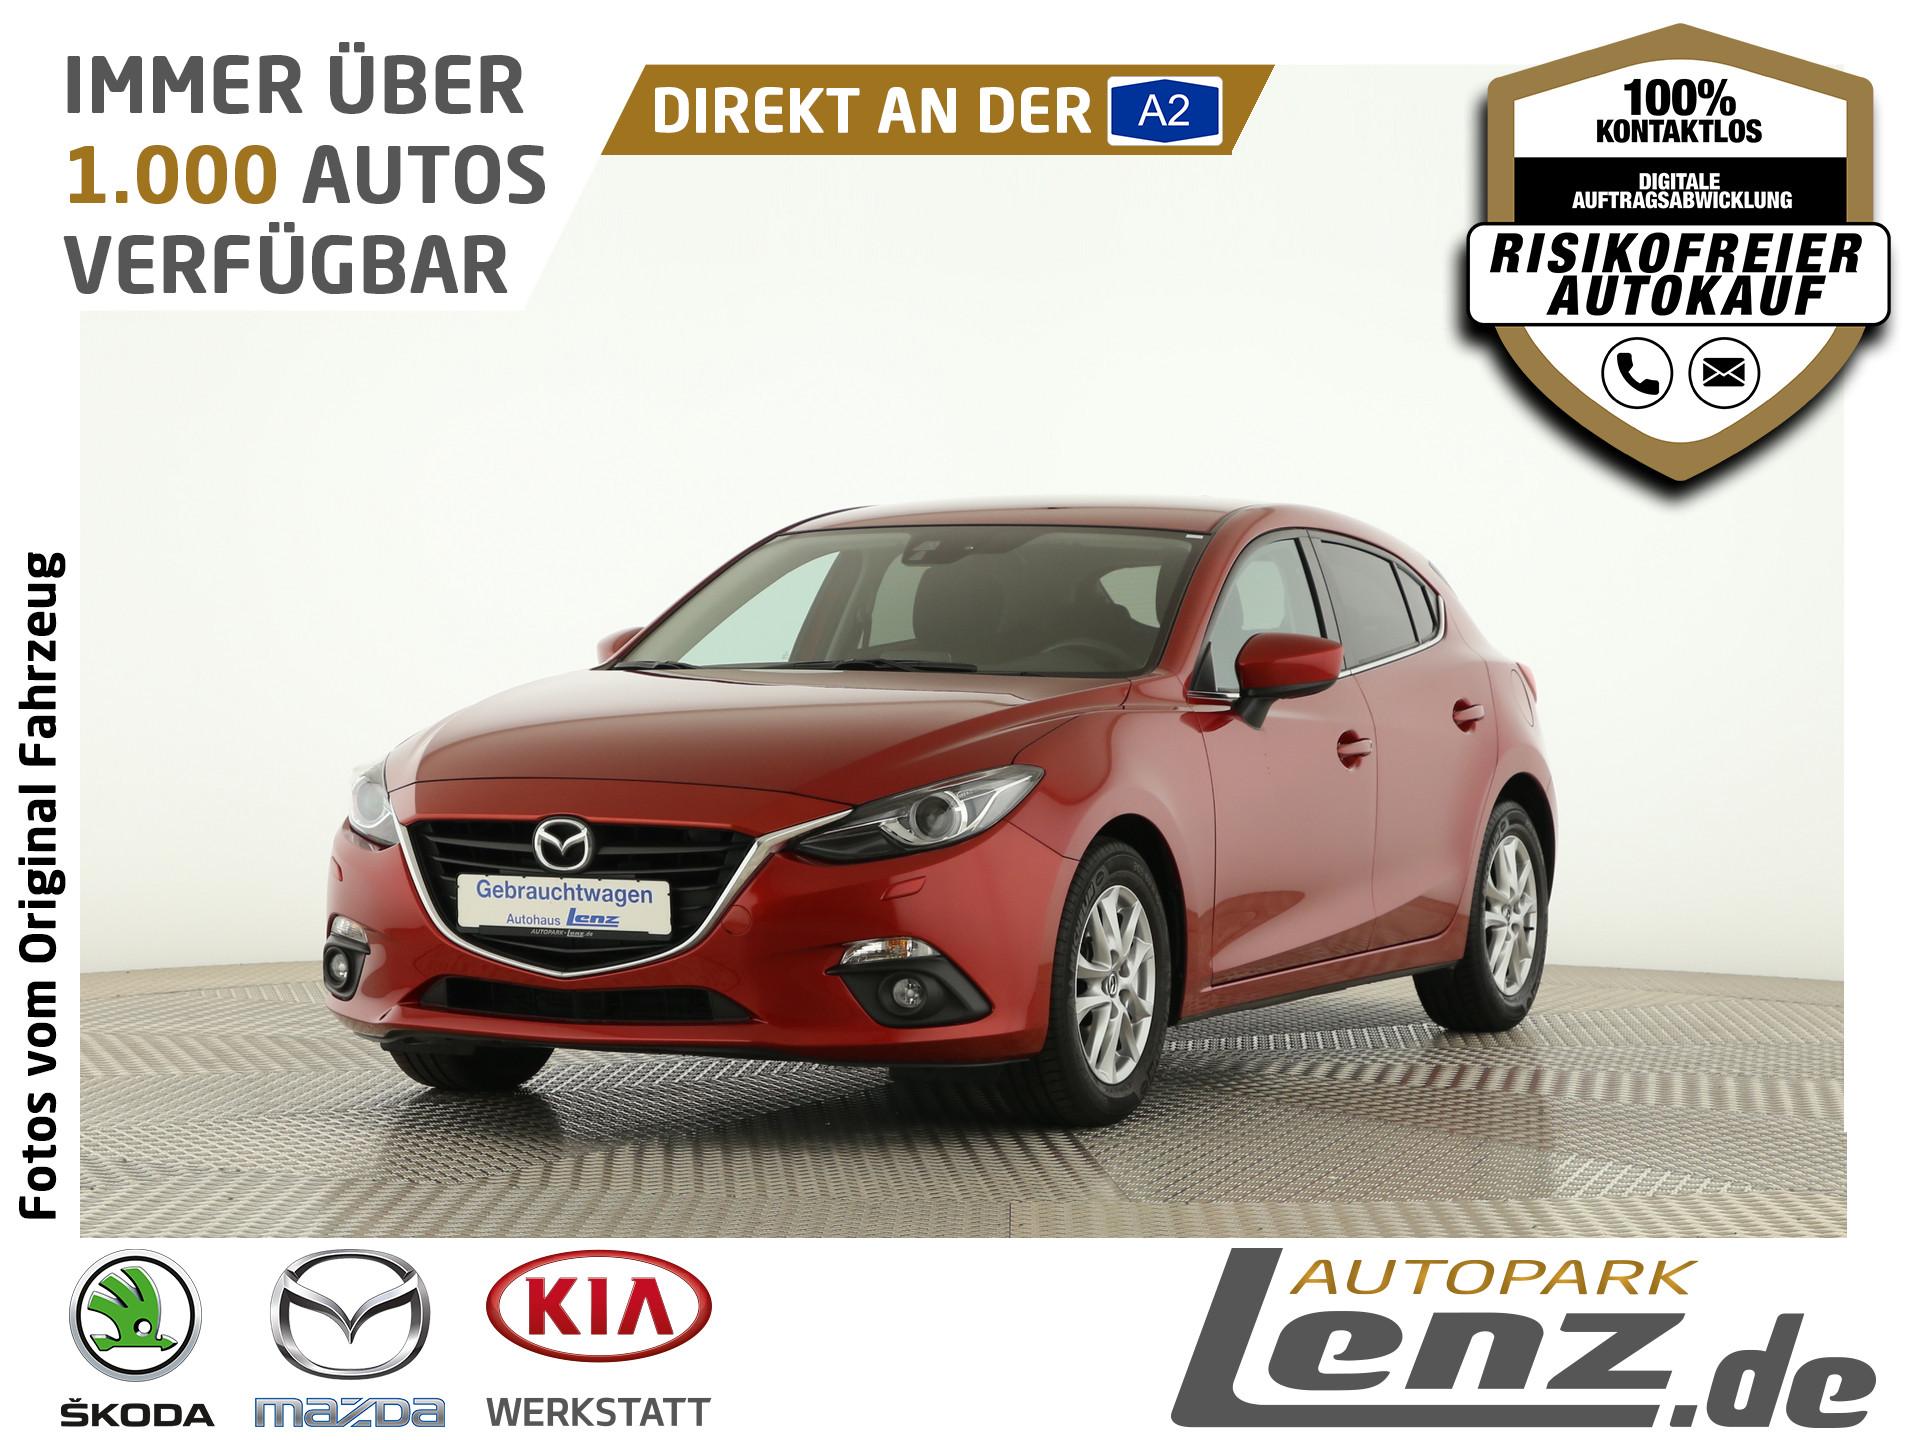 Mazda 3 Center-Line Xenon Navi PDC SHZ FSE USB LM RVM, Jahr 2015, Benzin